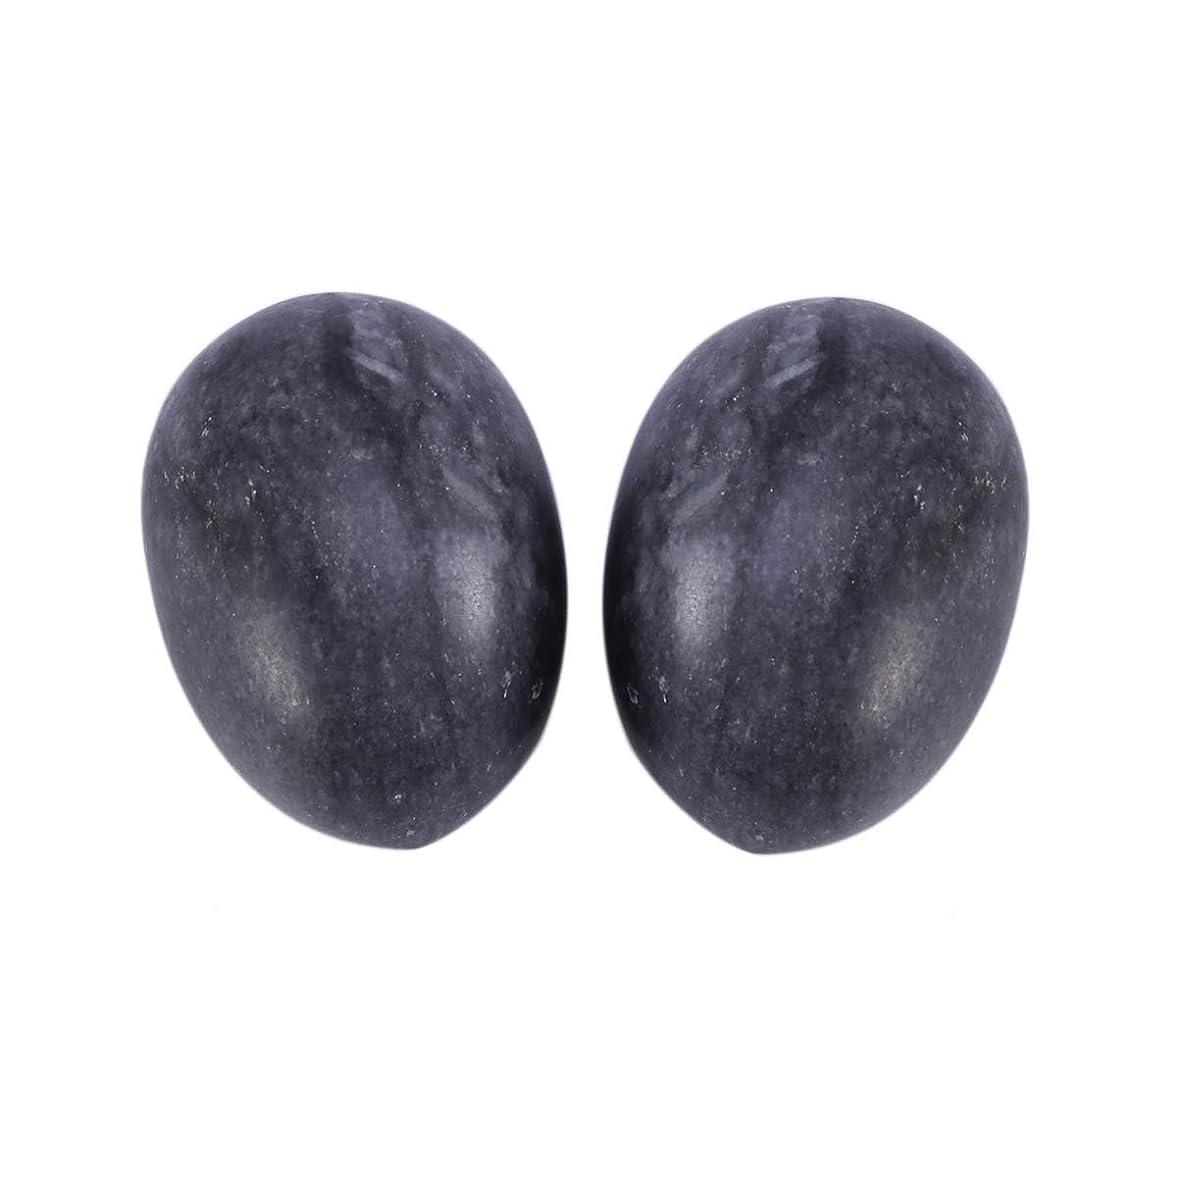 福祉特異性議論するHealifty 6PCS翡翠Yoni卵マッサージ癒しの石のケゲル運動骨盤底筋運動(黒)